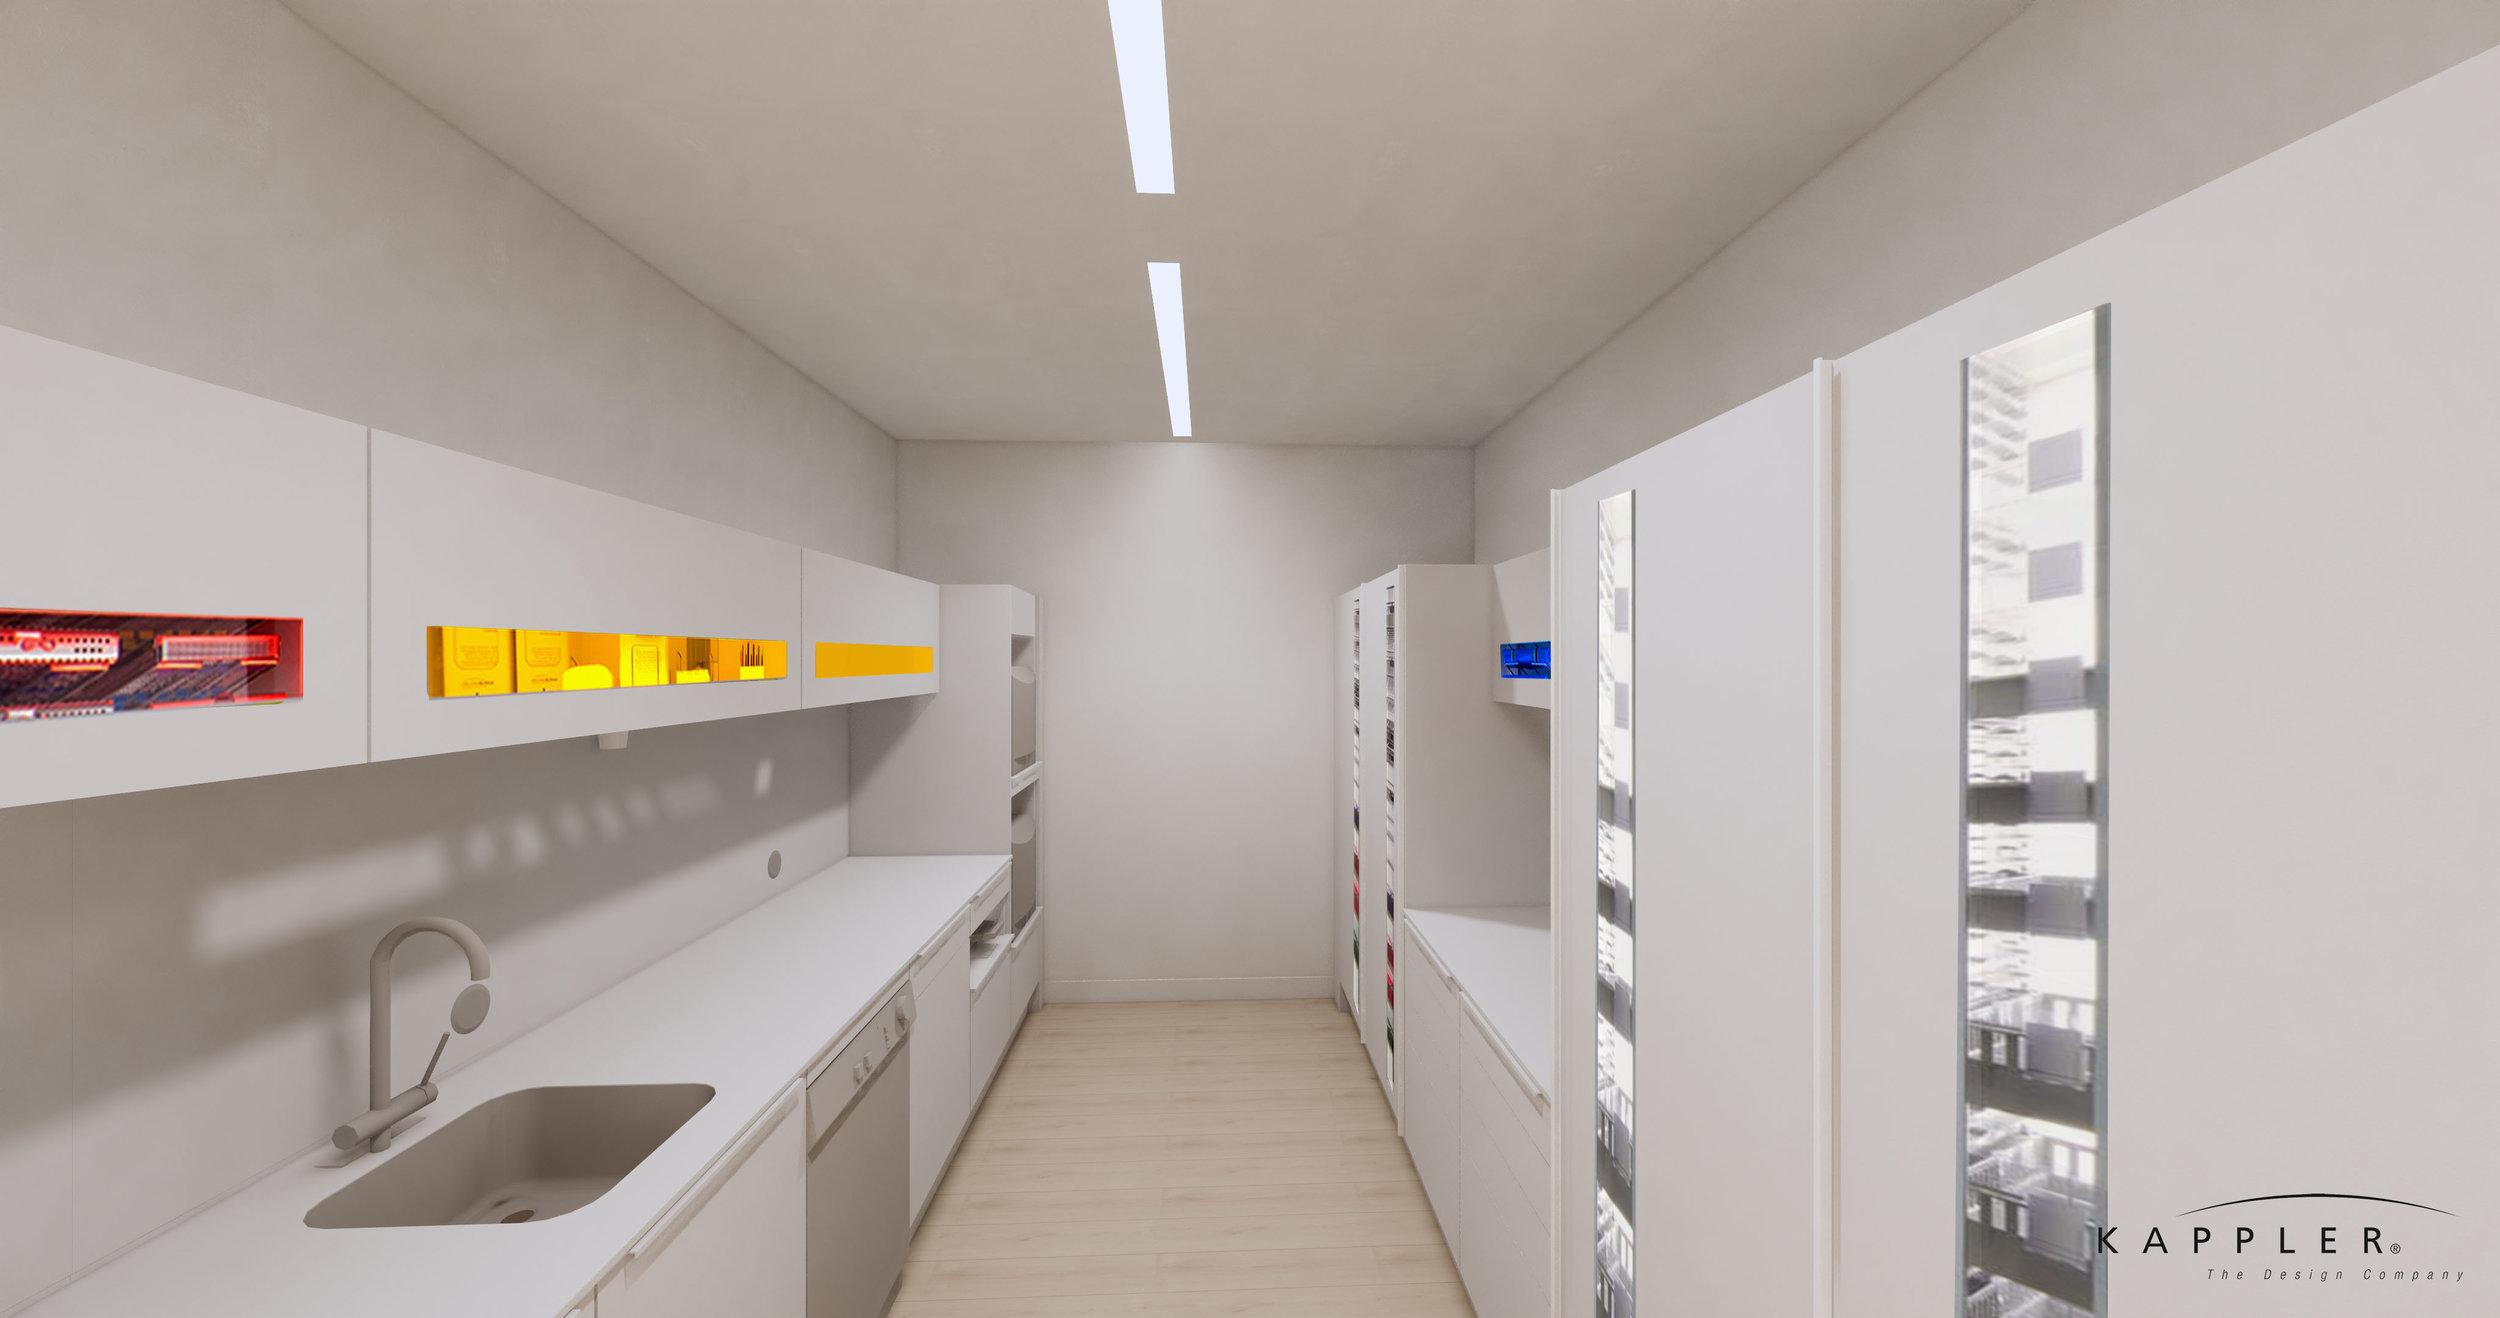 hygge inspired dental office break room